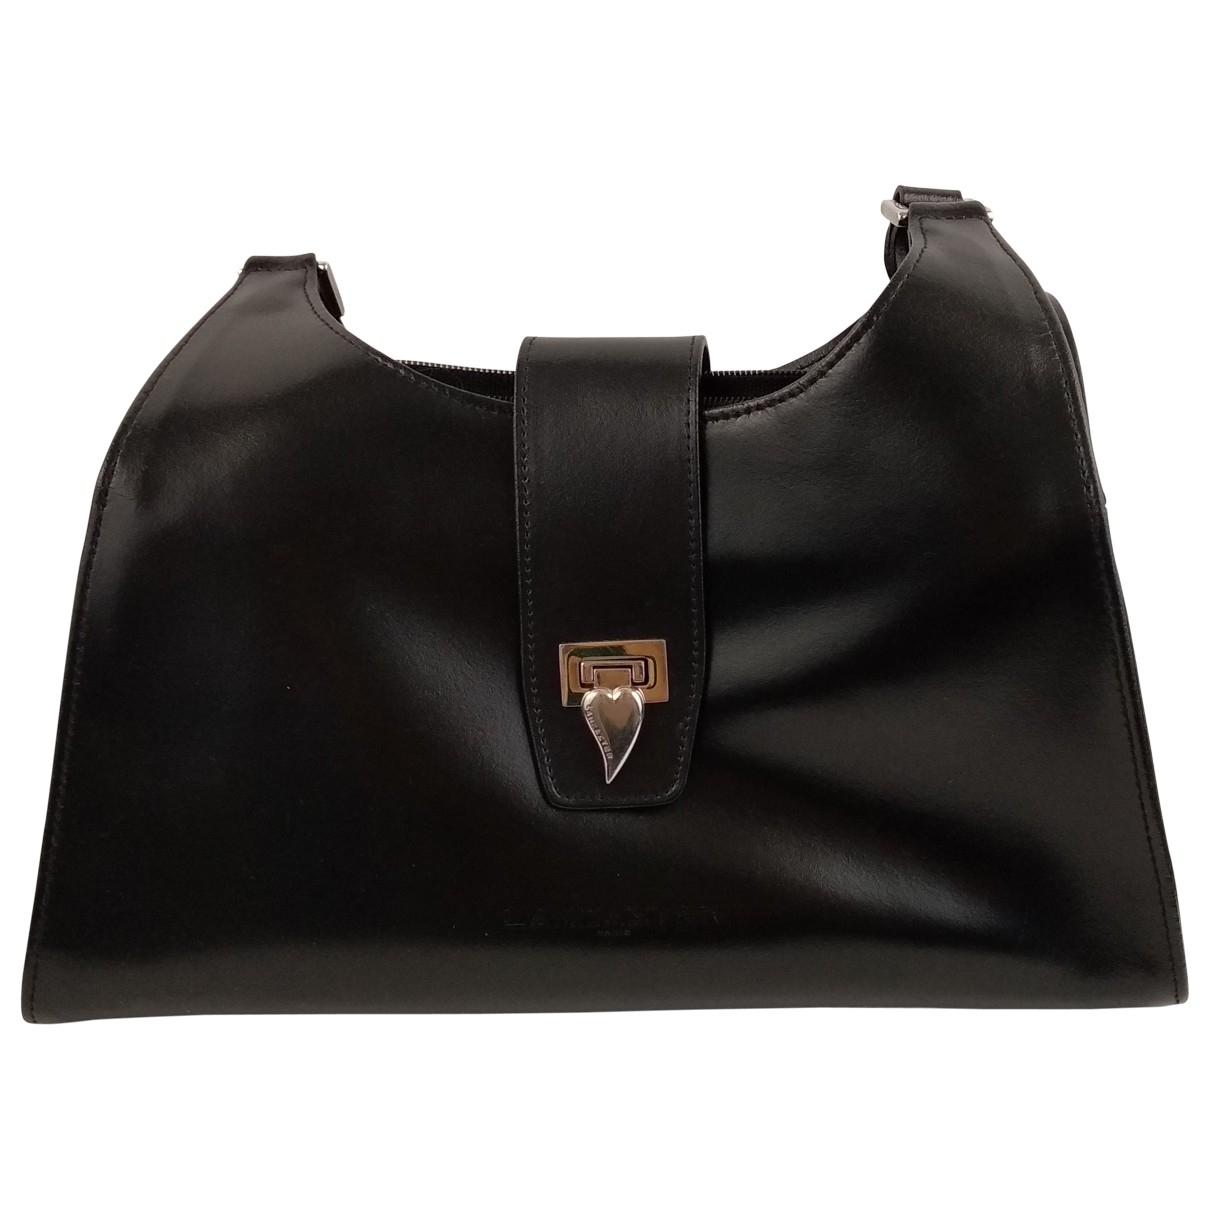 Lancaster \N Black Leather handbag for Women \N